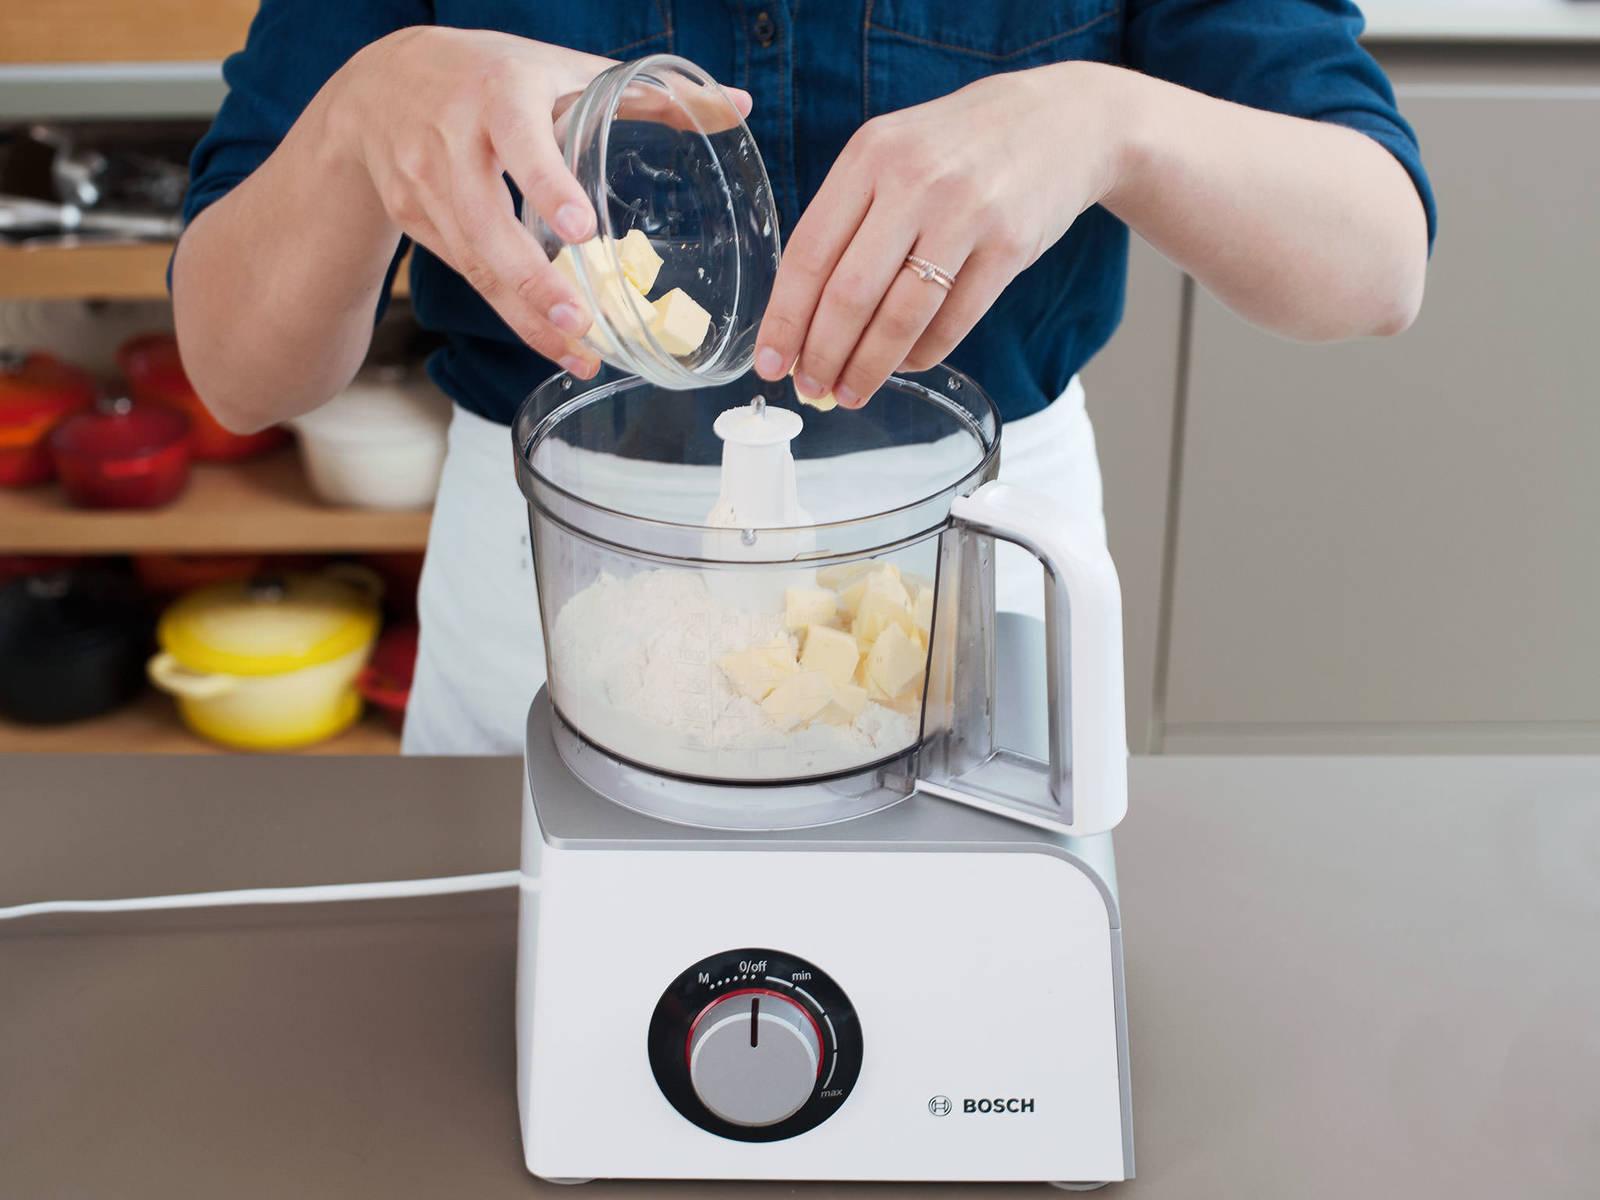 制作派皮:将面粉与盐在食品料理机的碗中混合。开机搅拌均匀,然后加入黄油,然后再次搅拌,至黄油碎成杏仁大小。倒水,一次倒入一汤匙,然后搅打至形成面团。将面团压扁,用塑料膜裹住,冷藏1小时。